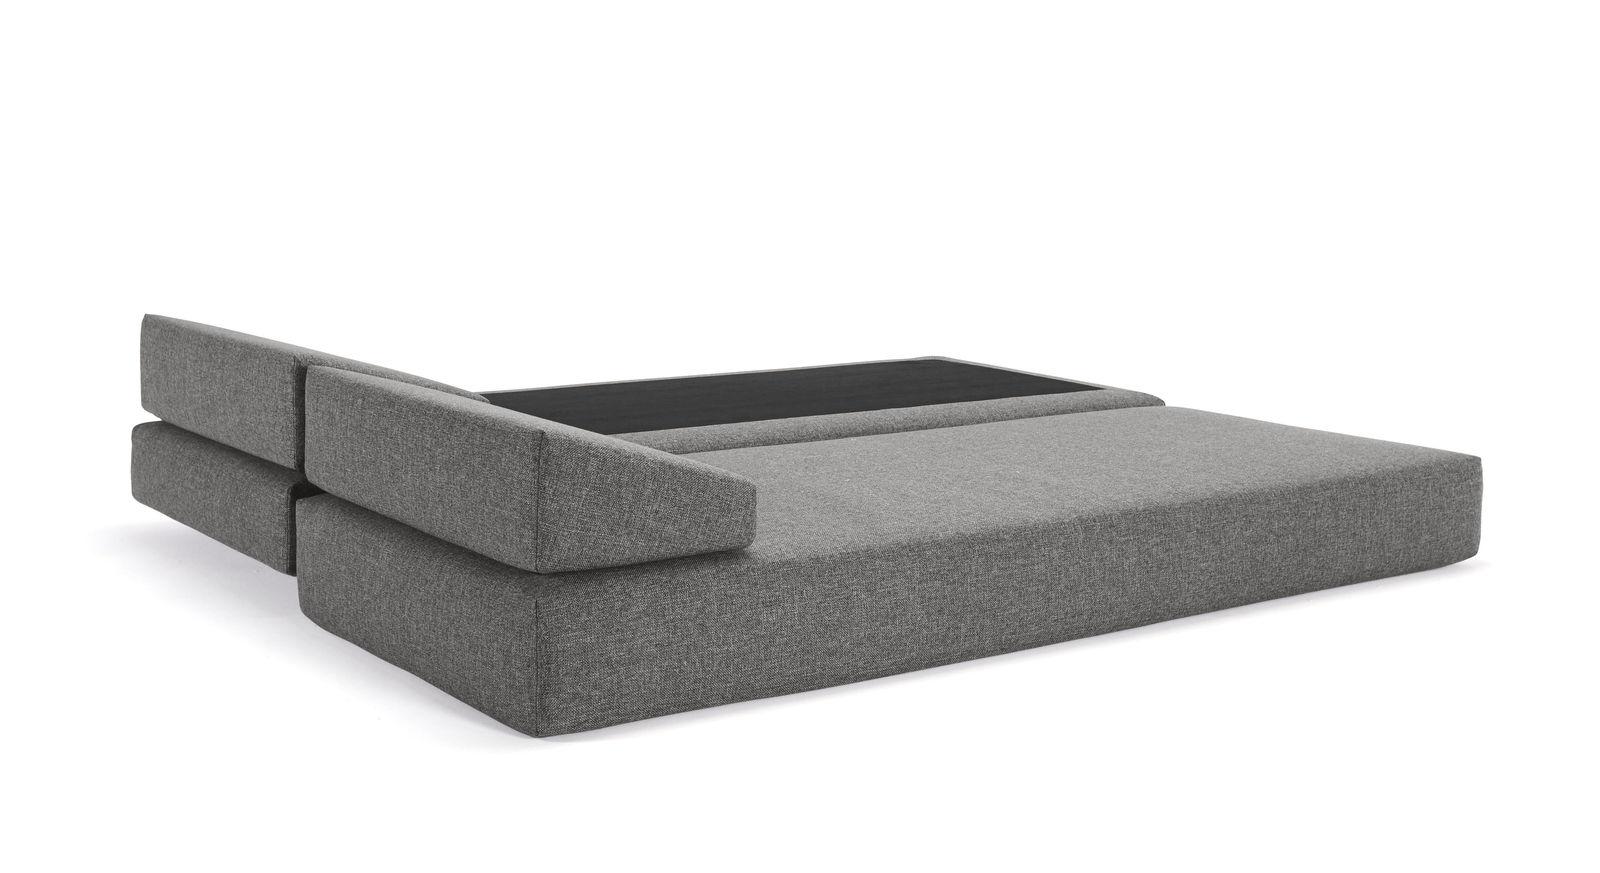 Schlafsofa 160X200 Liegefläche mit gut stil für ihr haus ideen